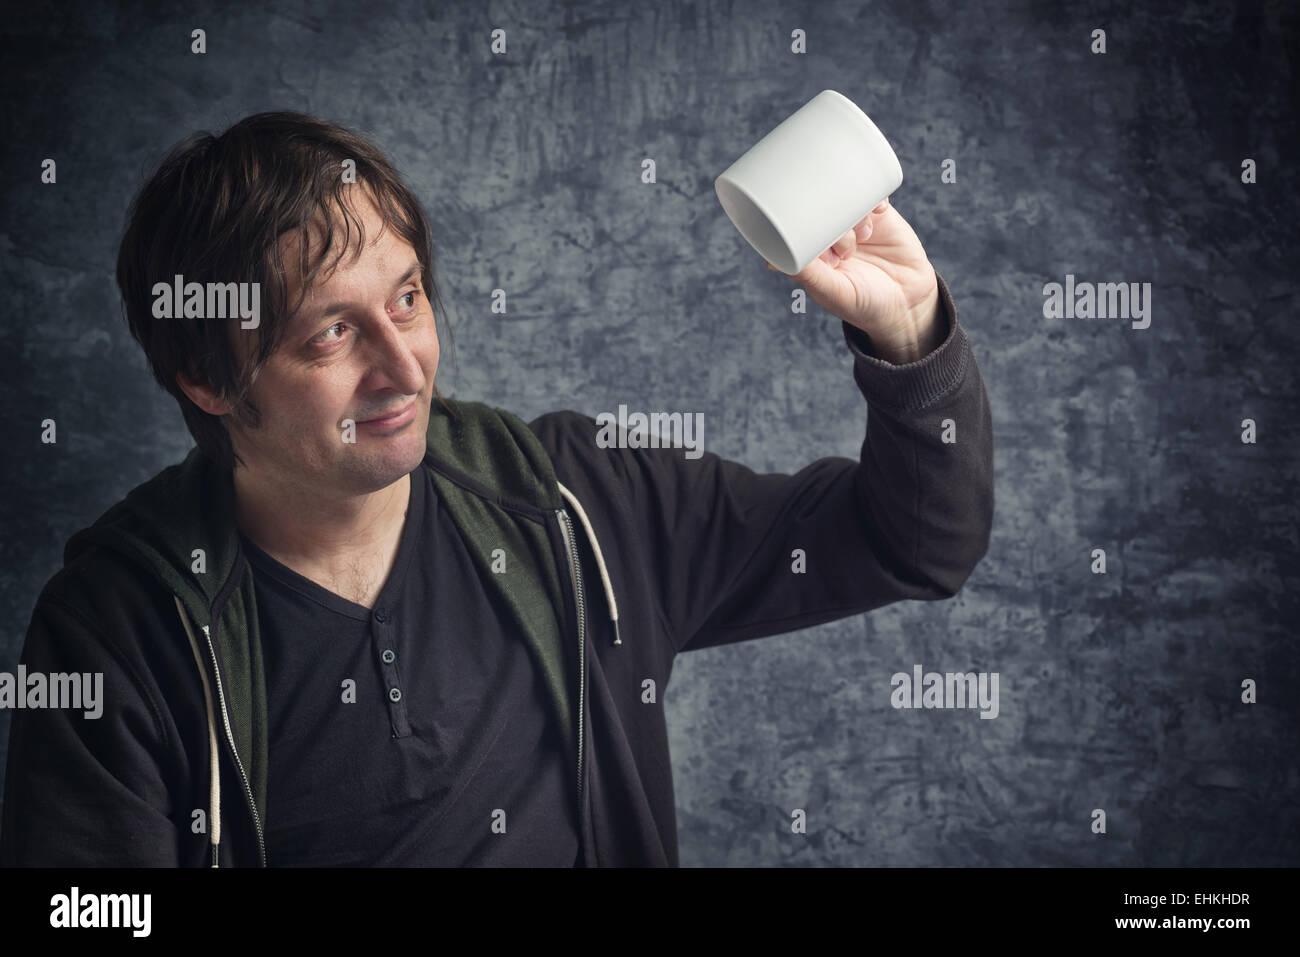 Uomo deluso guardando a tazza vuota, il concetto di fallimento di aspettative. Immagini Stock